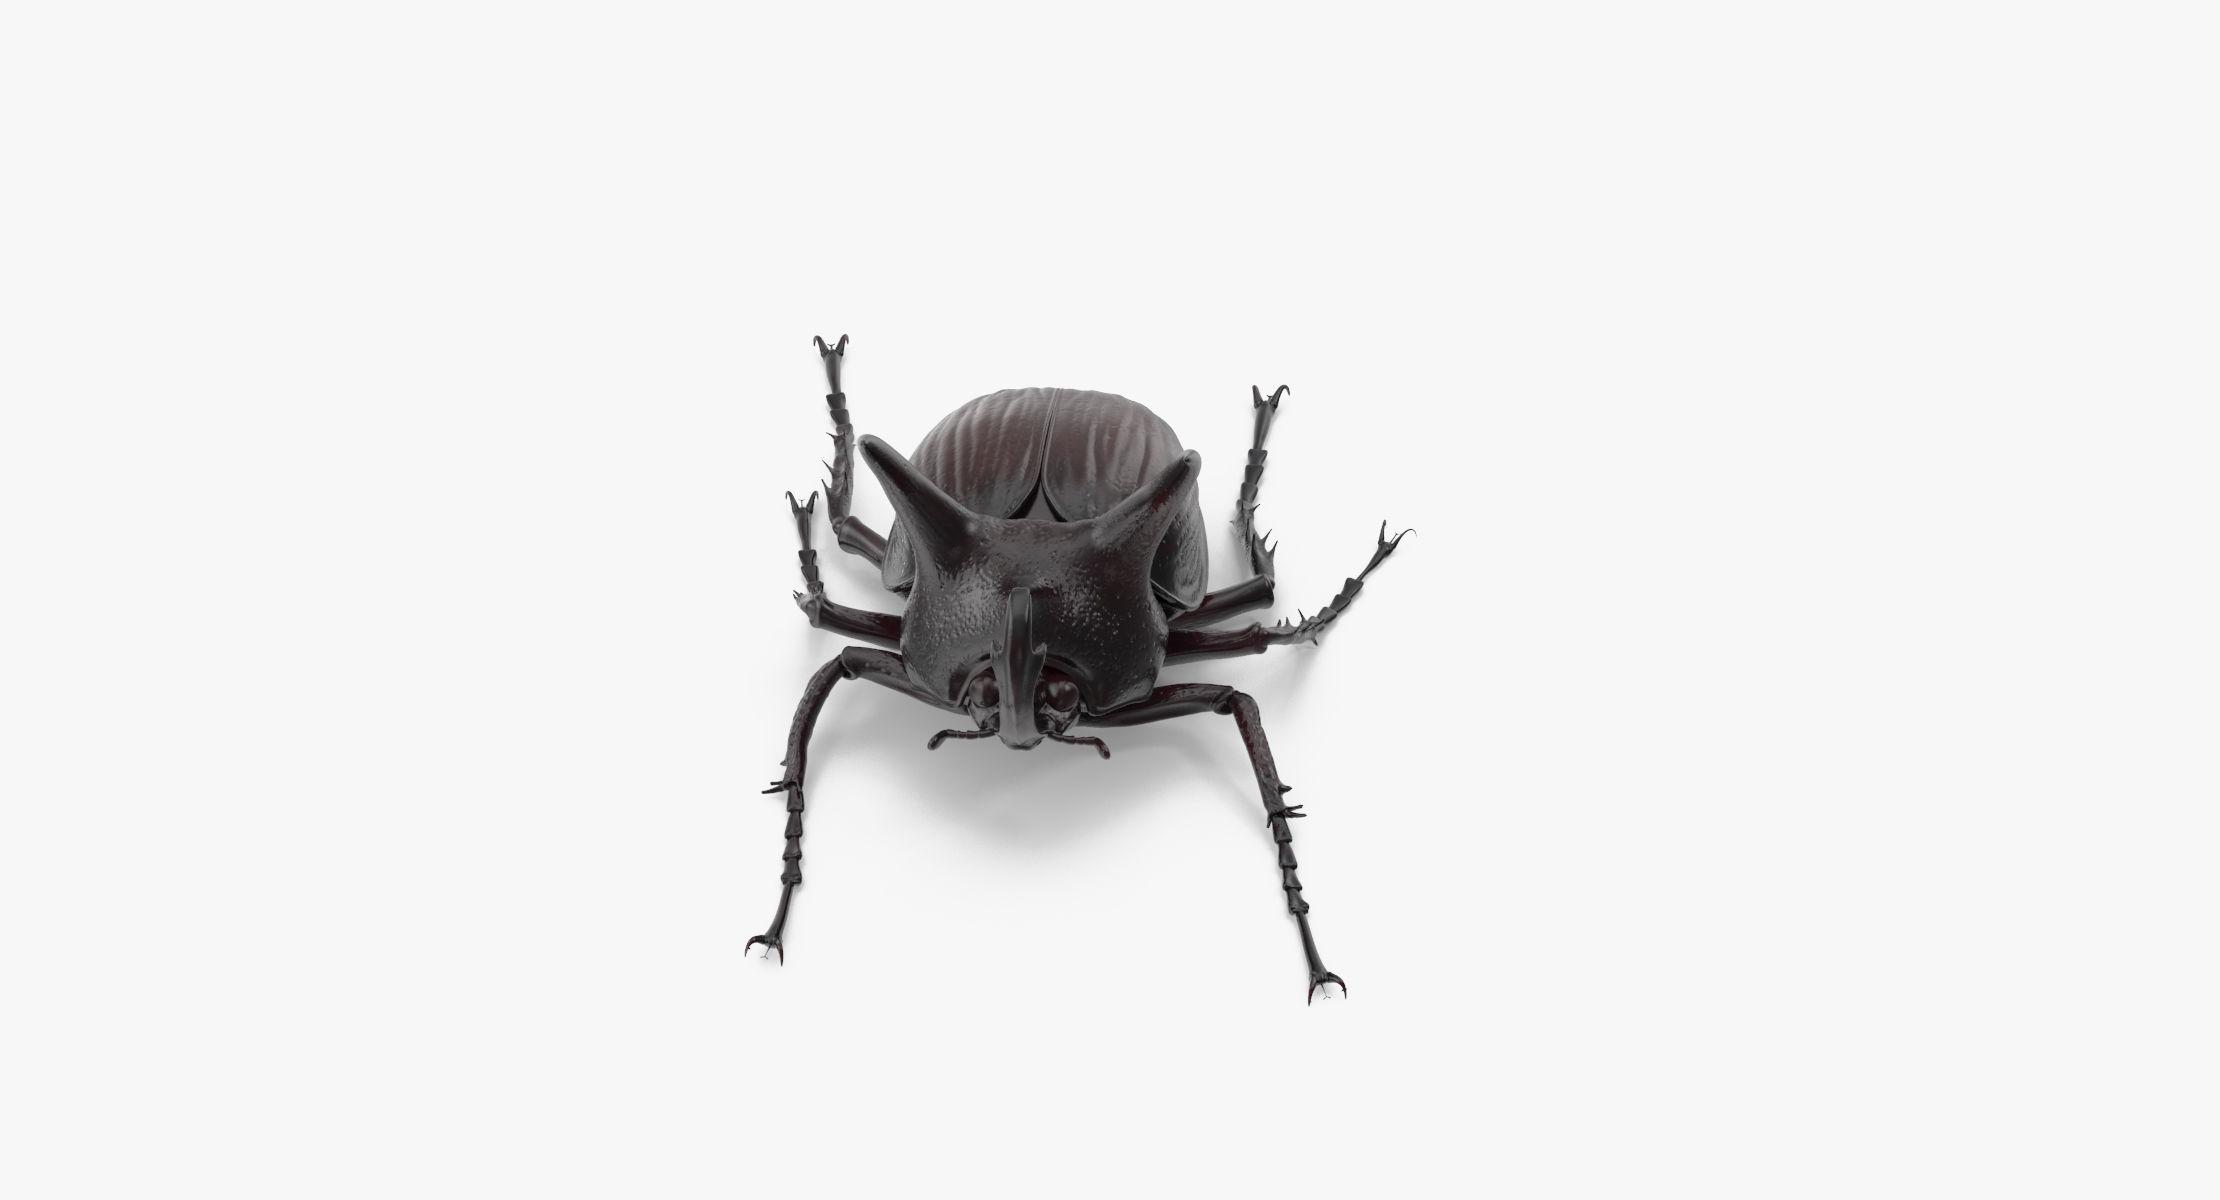 Rhinoceros Beetle Pose 02 - reel 1